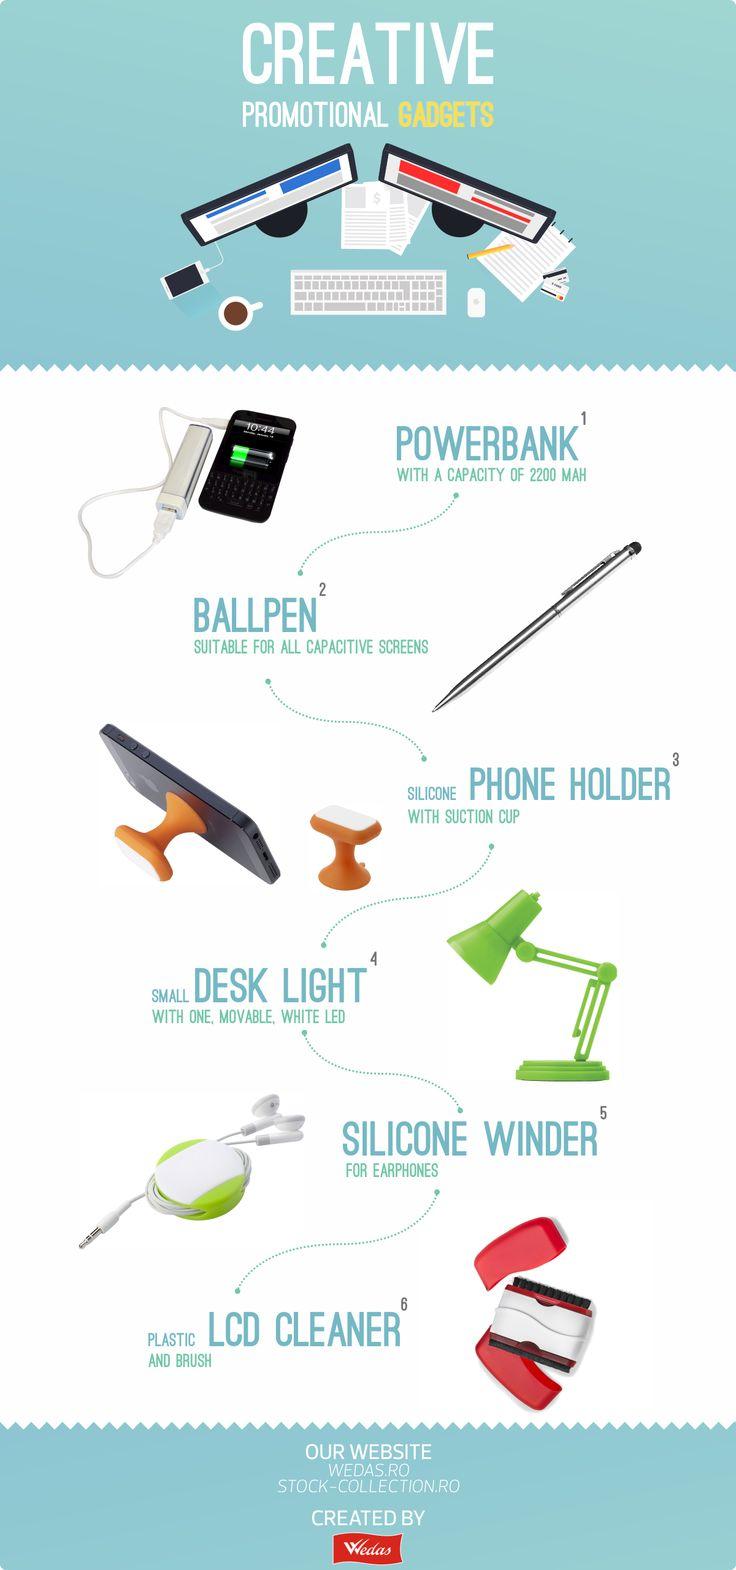 Gadget-uri promotionale creative